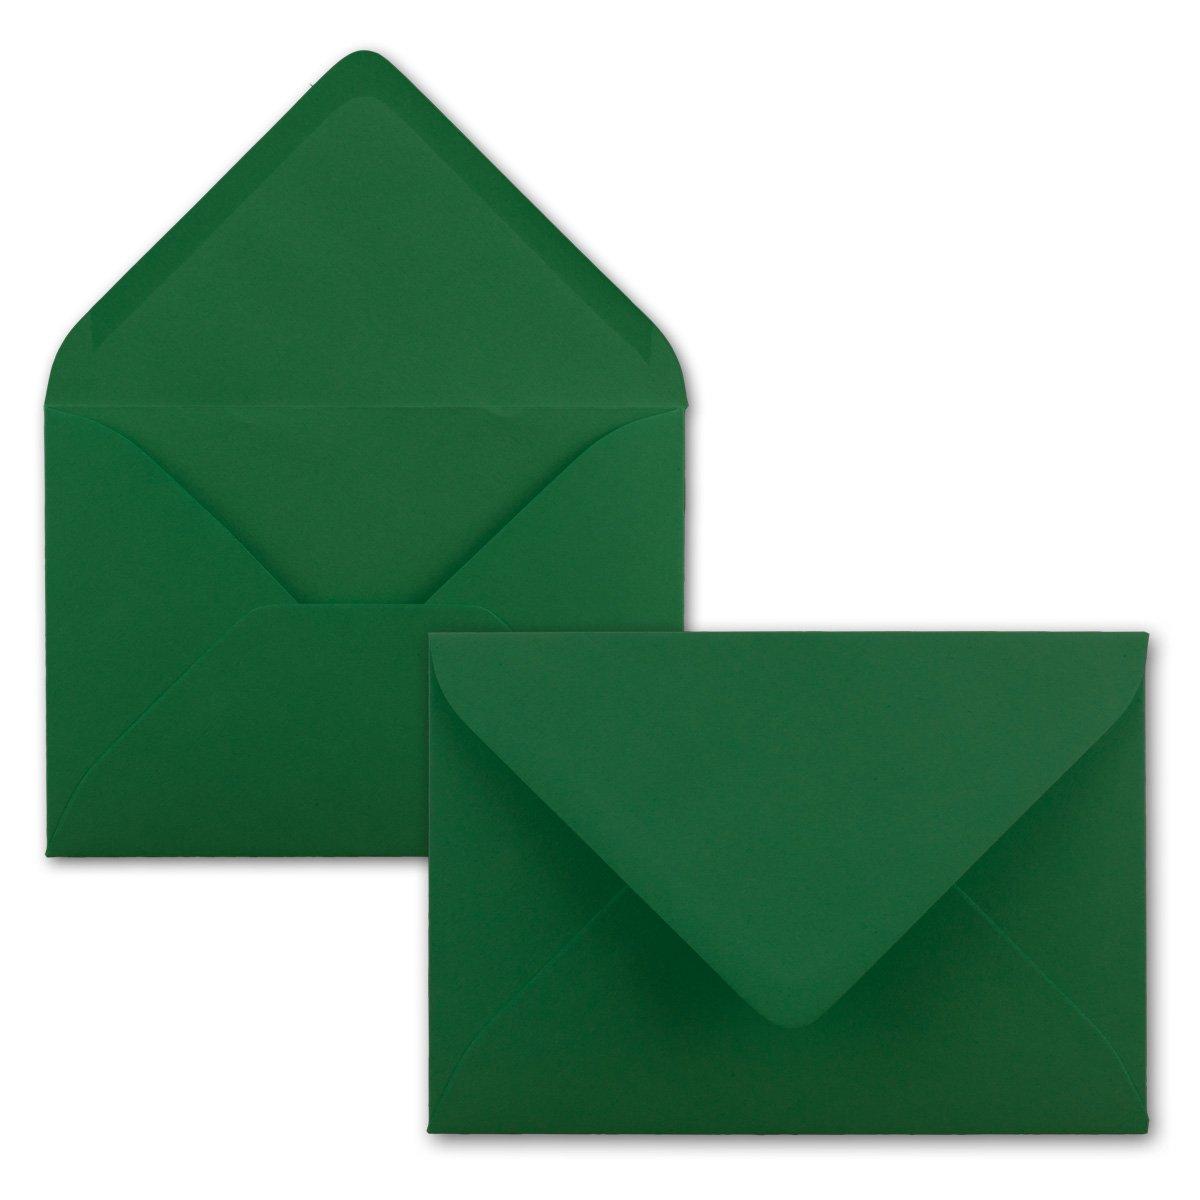 200x Stück Stück Stück Karte-Umschlag-Set Einzel-Karten Din A7 10,5x7,3 cm 240 g m² Dunkelgrün mit Brief-Umschlägen C7 Nassklebung ideale Geschenkanhänger B07P2WXX7W Grukarten Internationaler großer Name 6a30f8